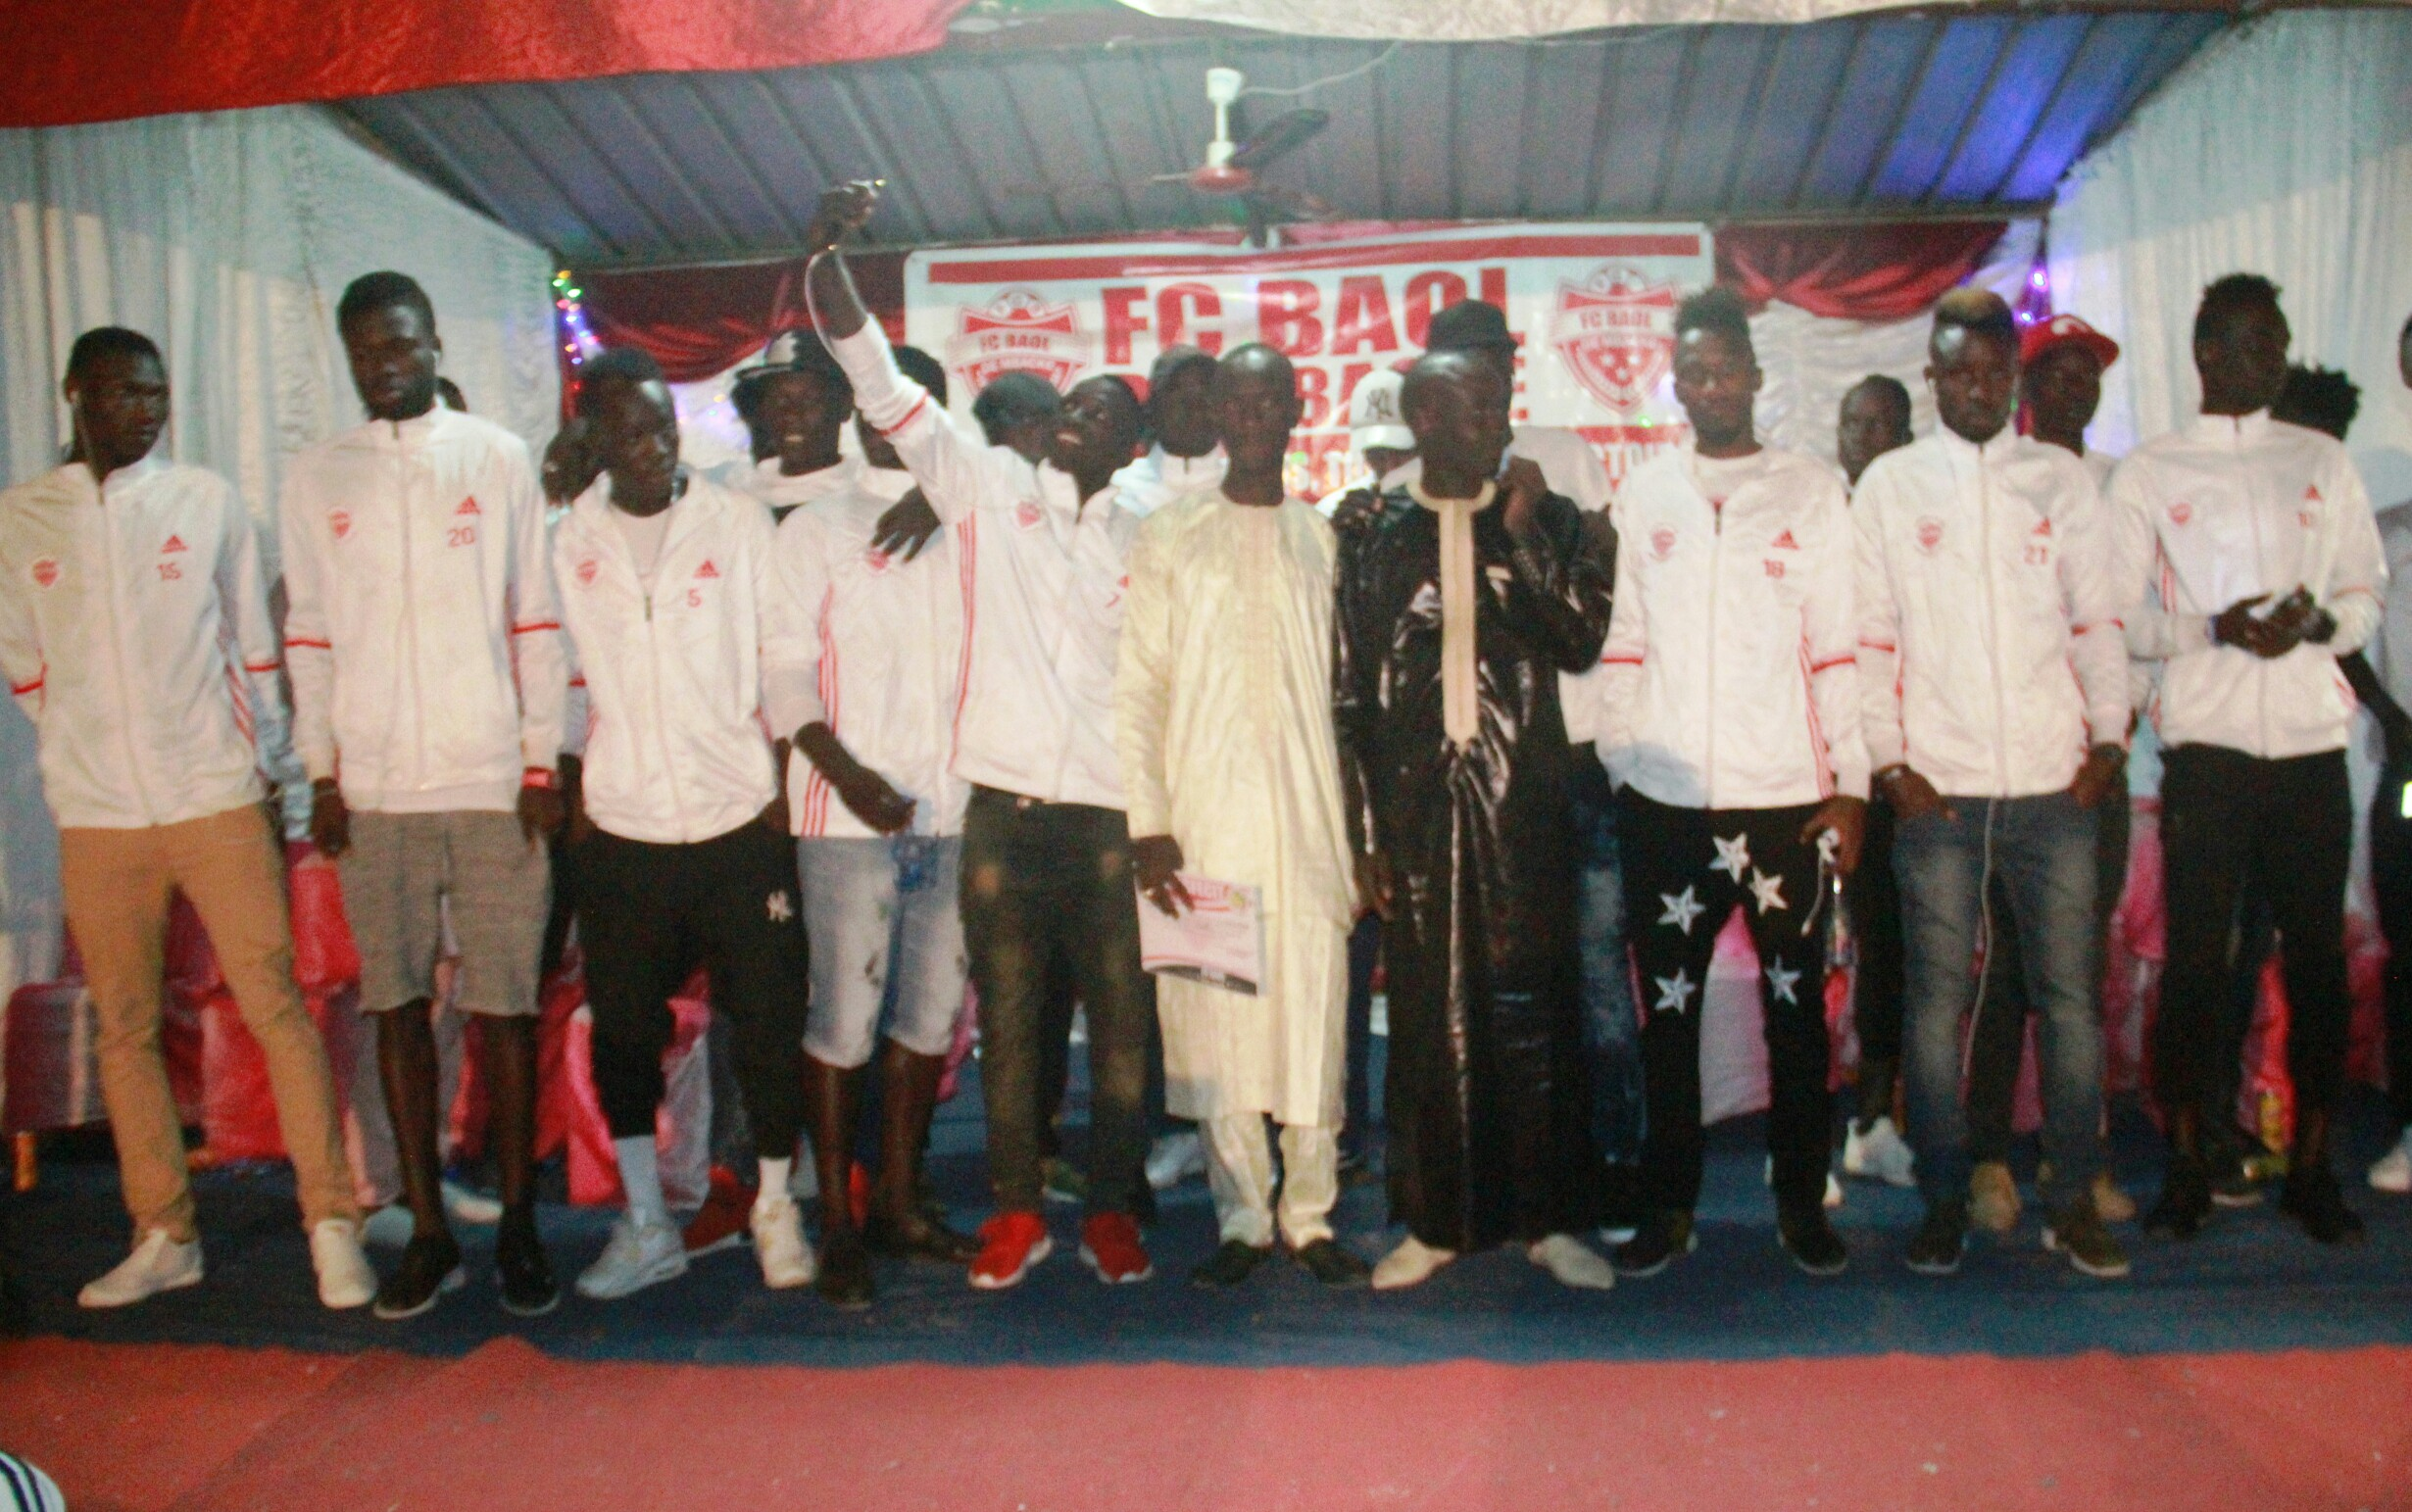 SPORTS - Le Fc Baol aborde la Nationale 1 avec de nouvelles ambitions